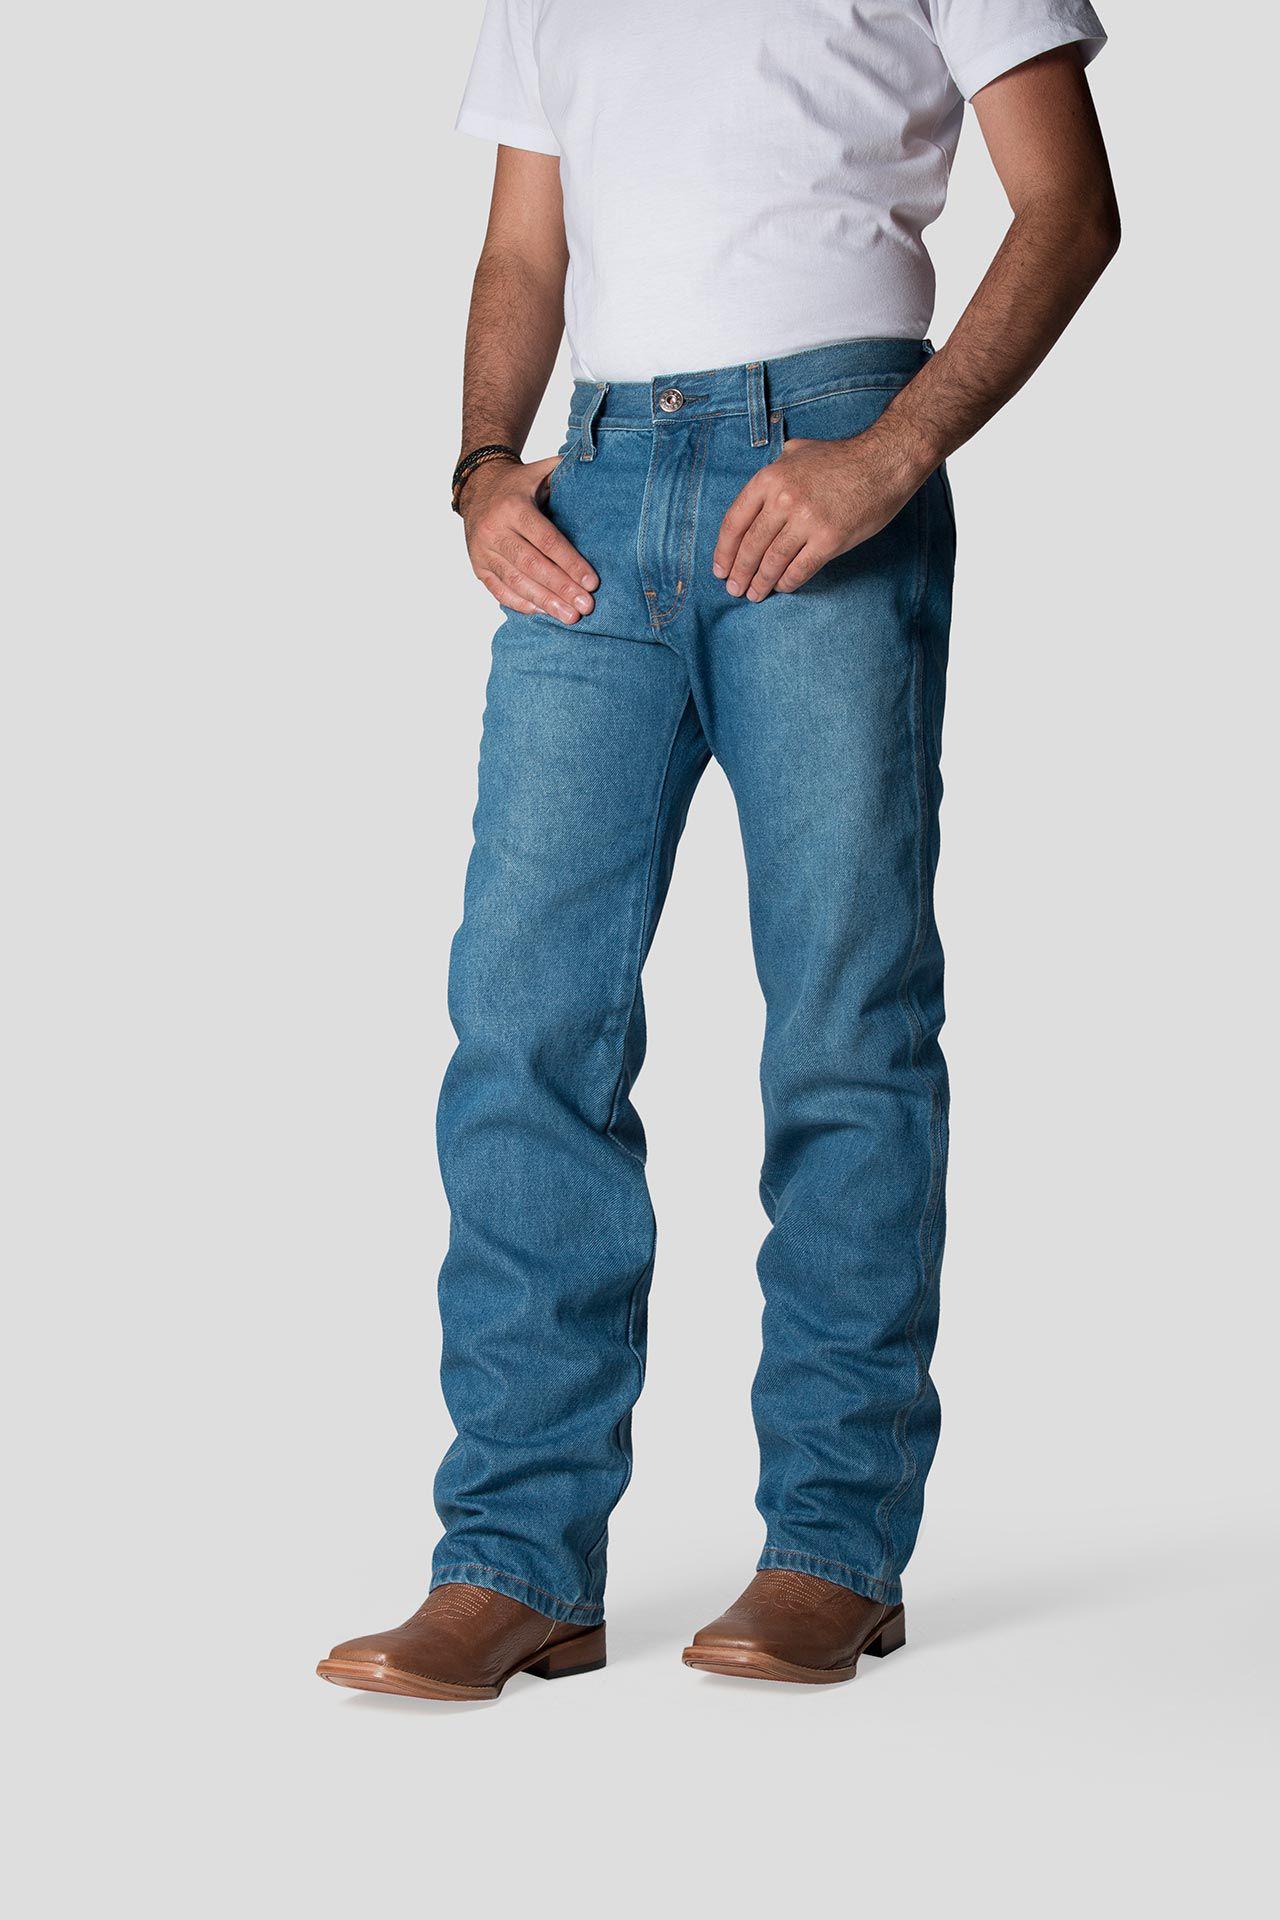 Calça Jeans TXC Masculina X2 LIGHT